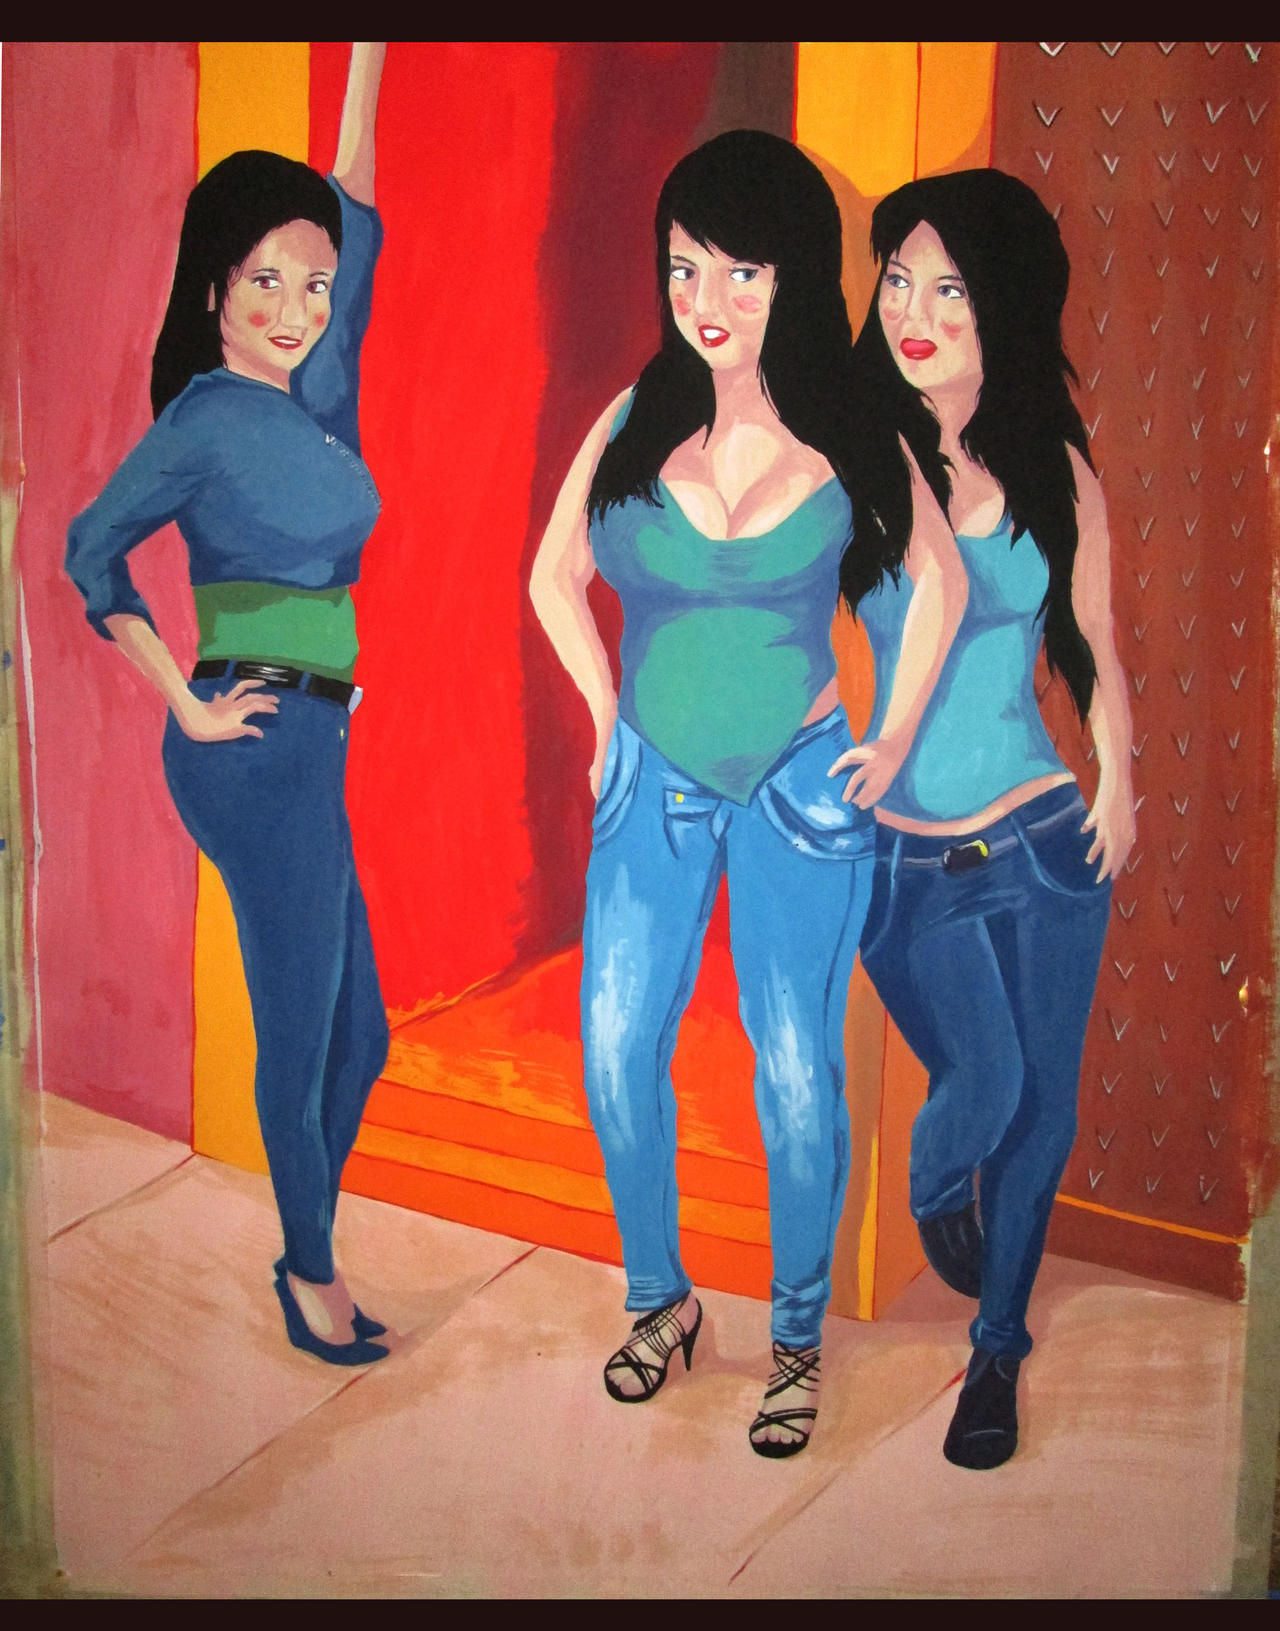 prostitutas lactantes bromas a prostitutas